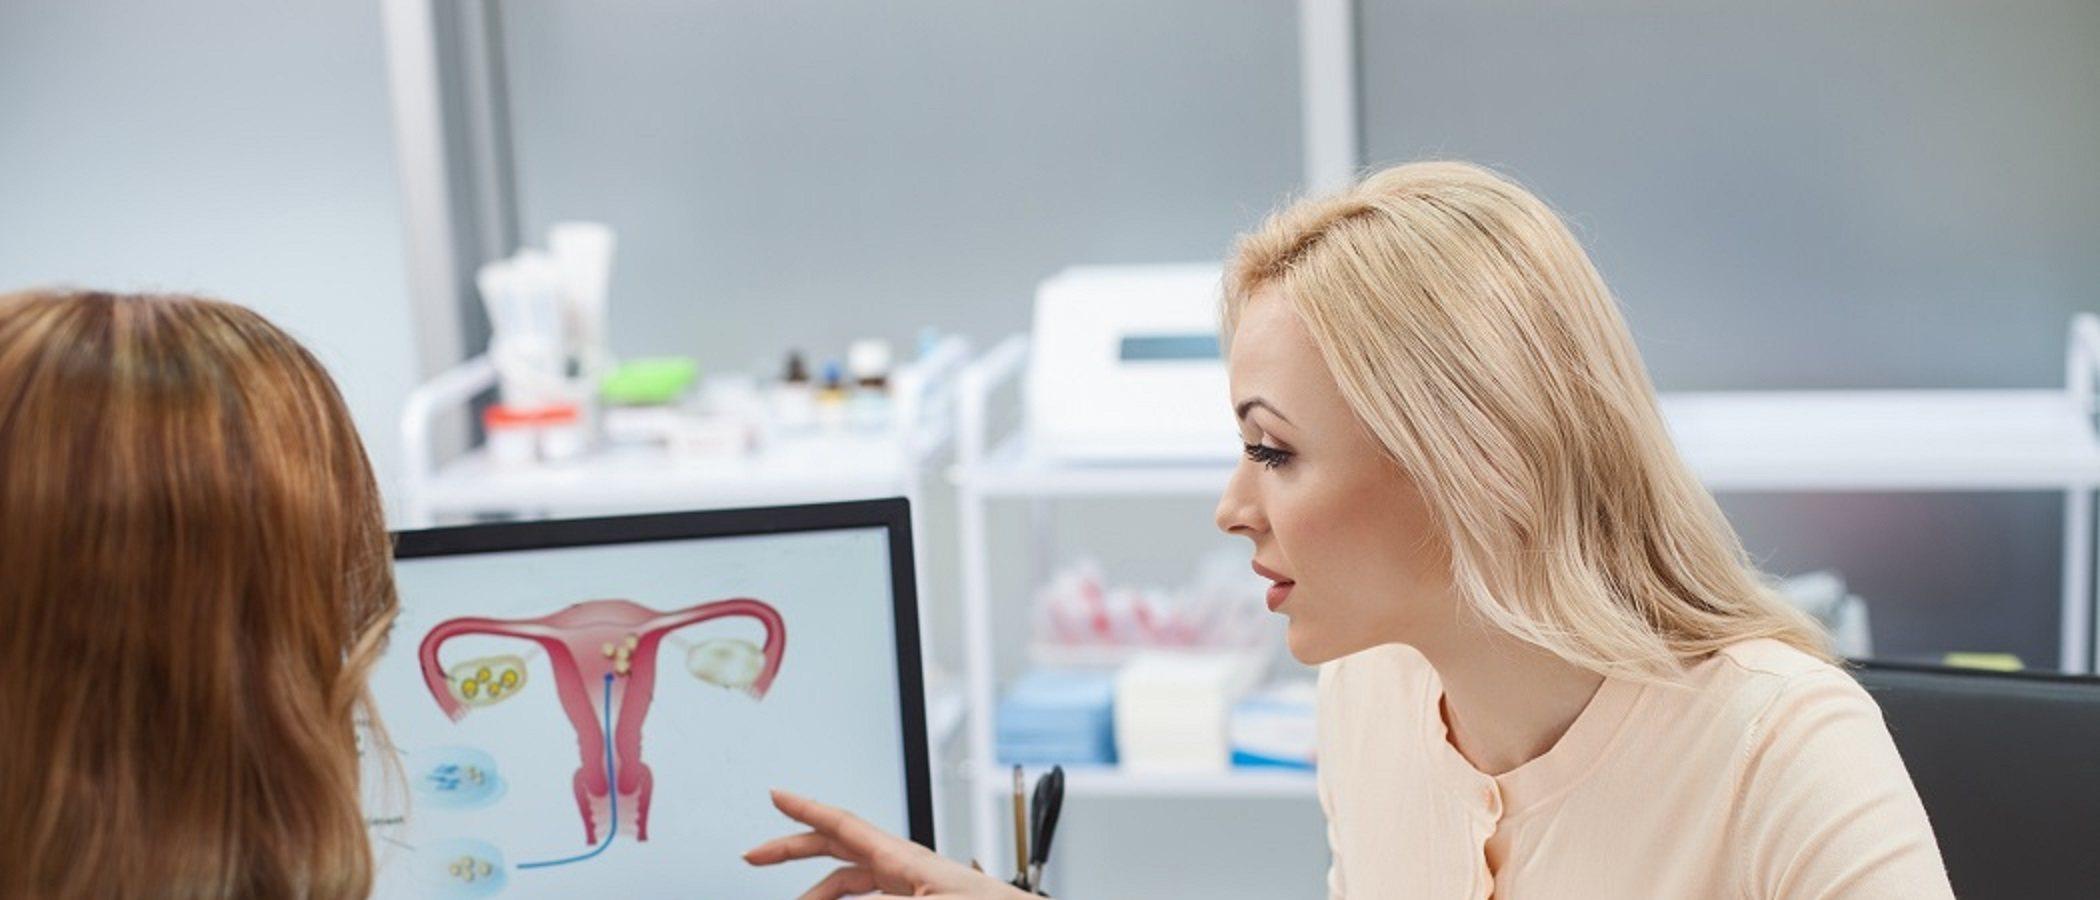 Prolapso uterino o desprendimiento de útero, ¿qué es y por qué ocurre?